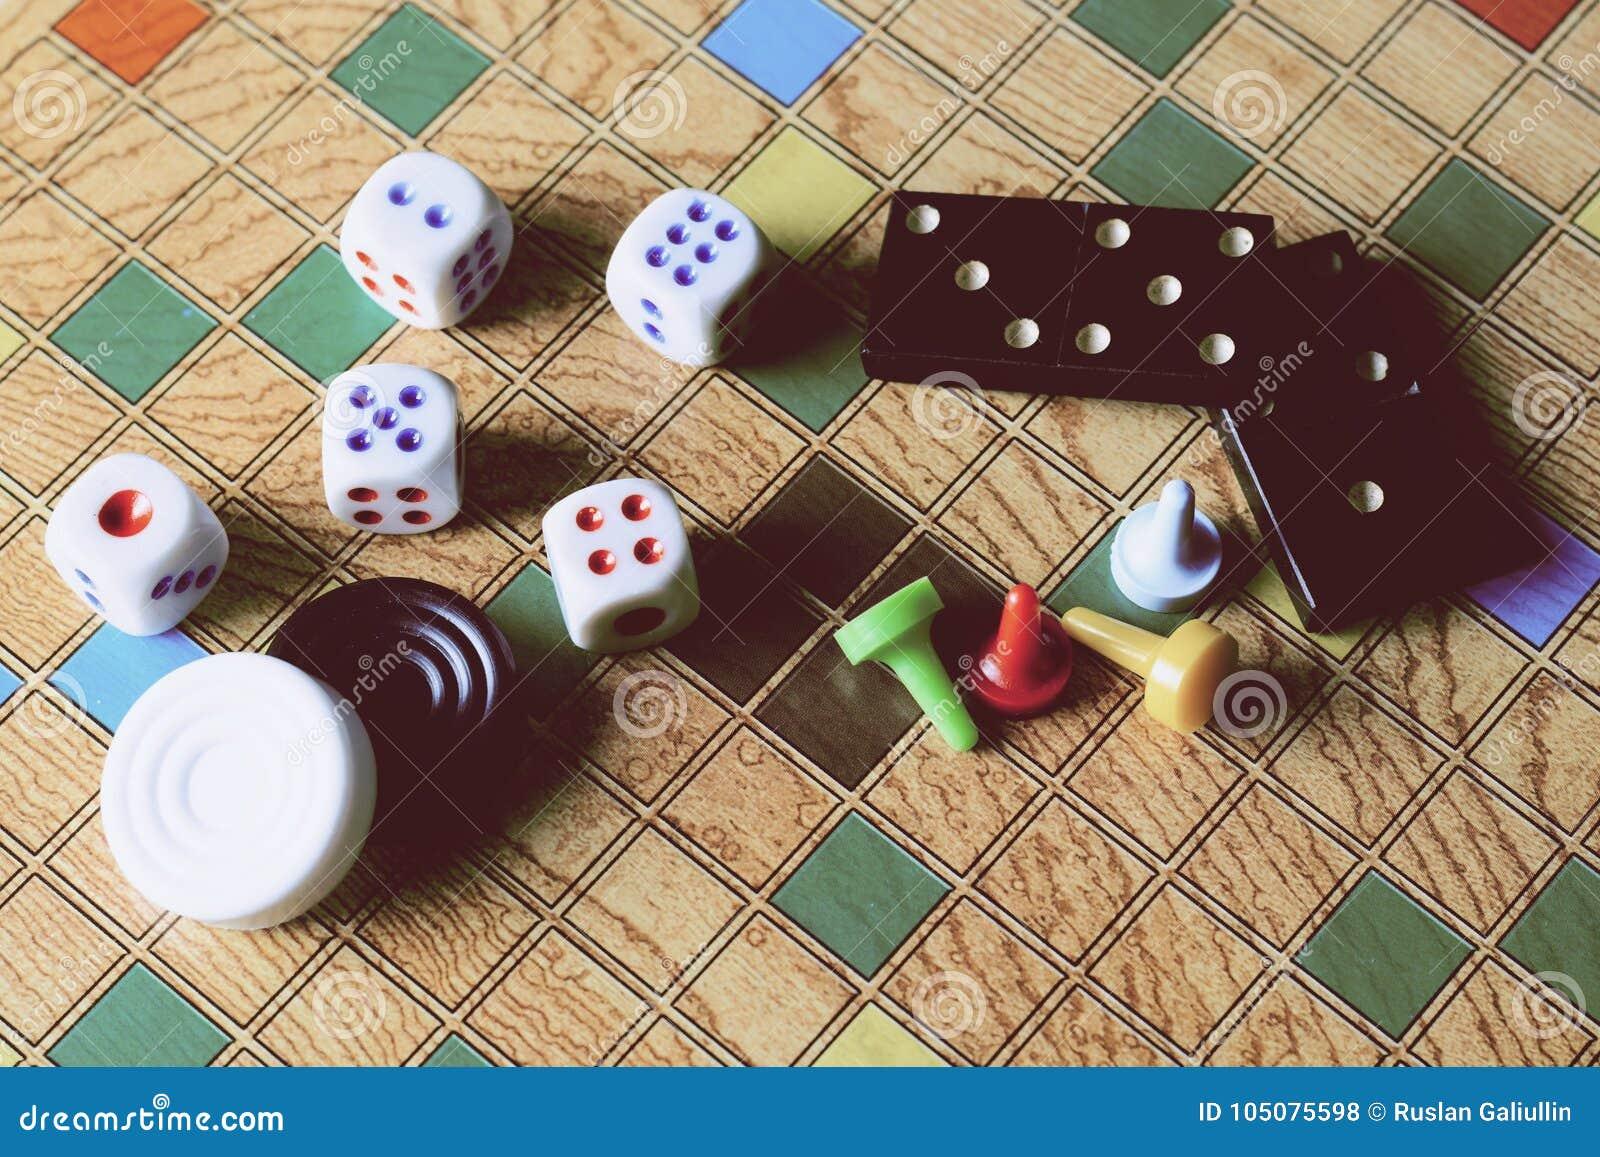 Detalle De Juegos De Mesa De Dominos De Inspectores De